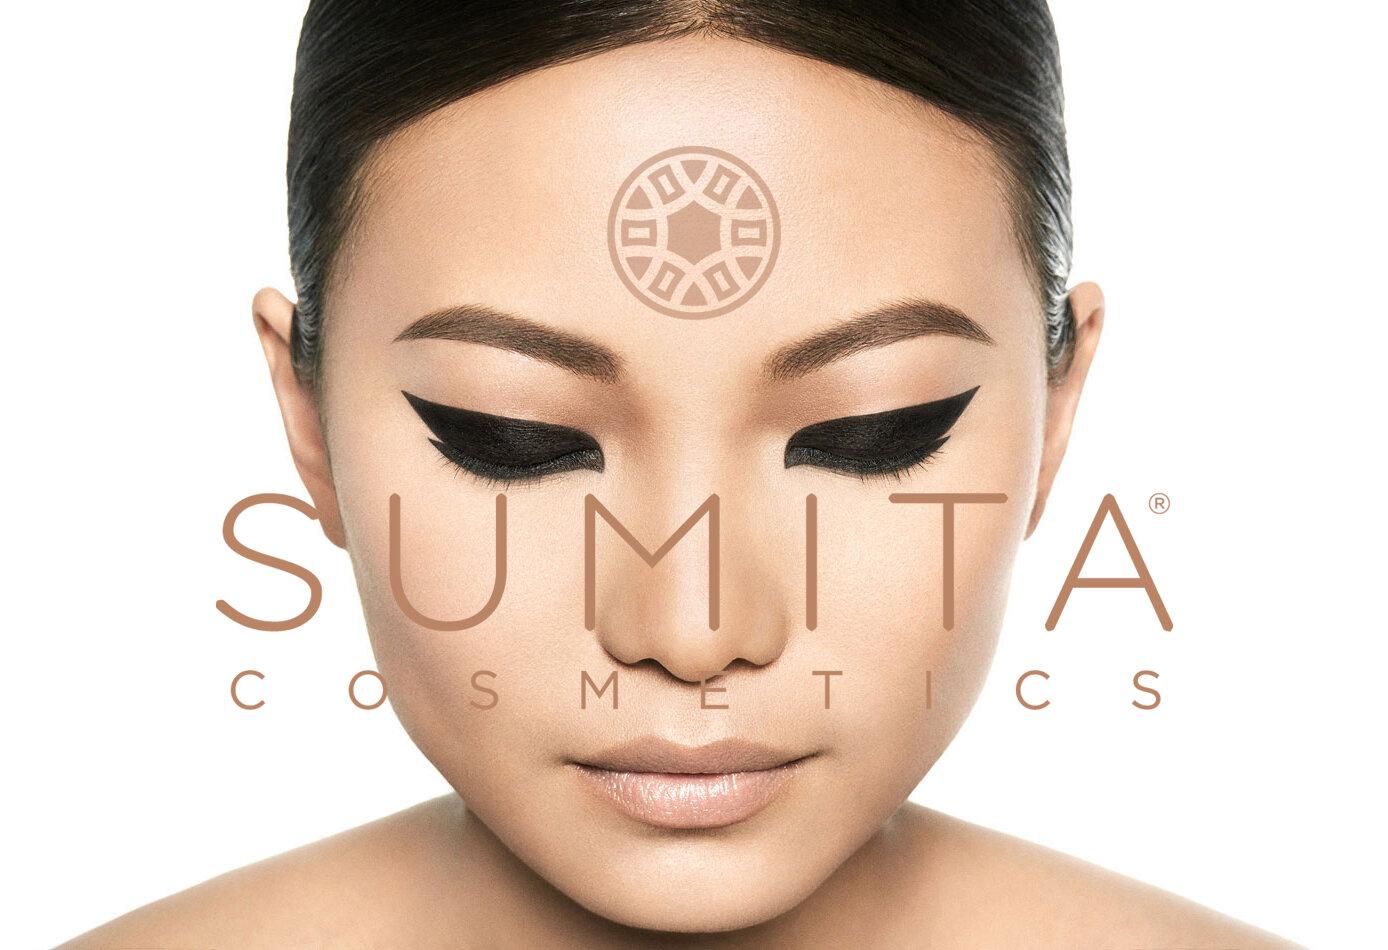 Sumita_KITA_HYUNH_FULL_MAKEUP-0517_v1_mt-new copy_logo.jpg